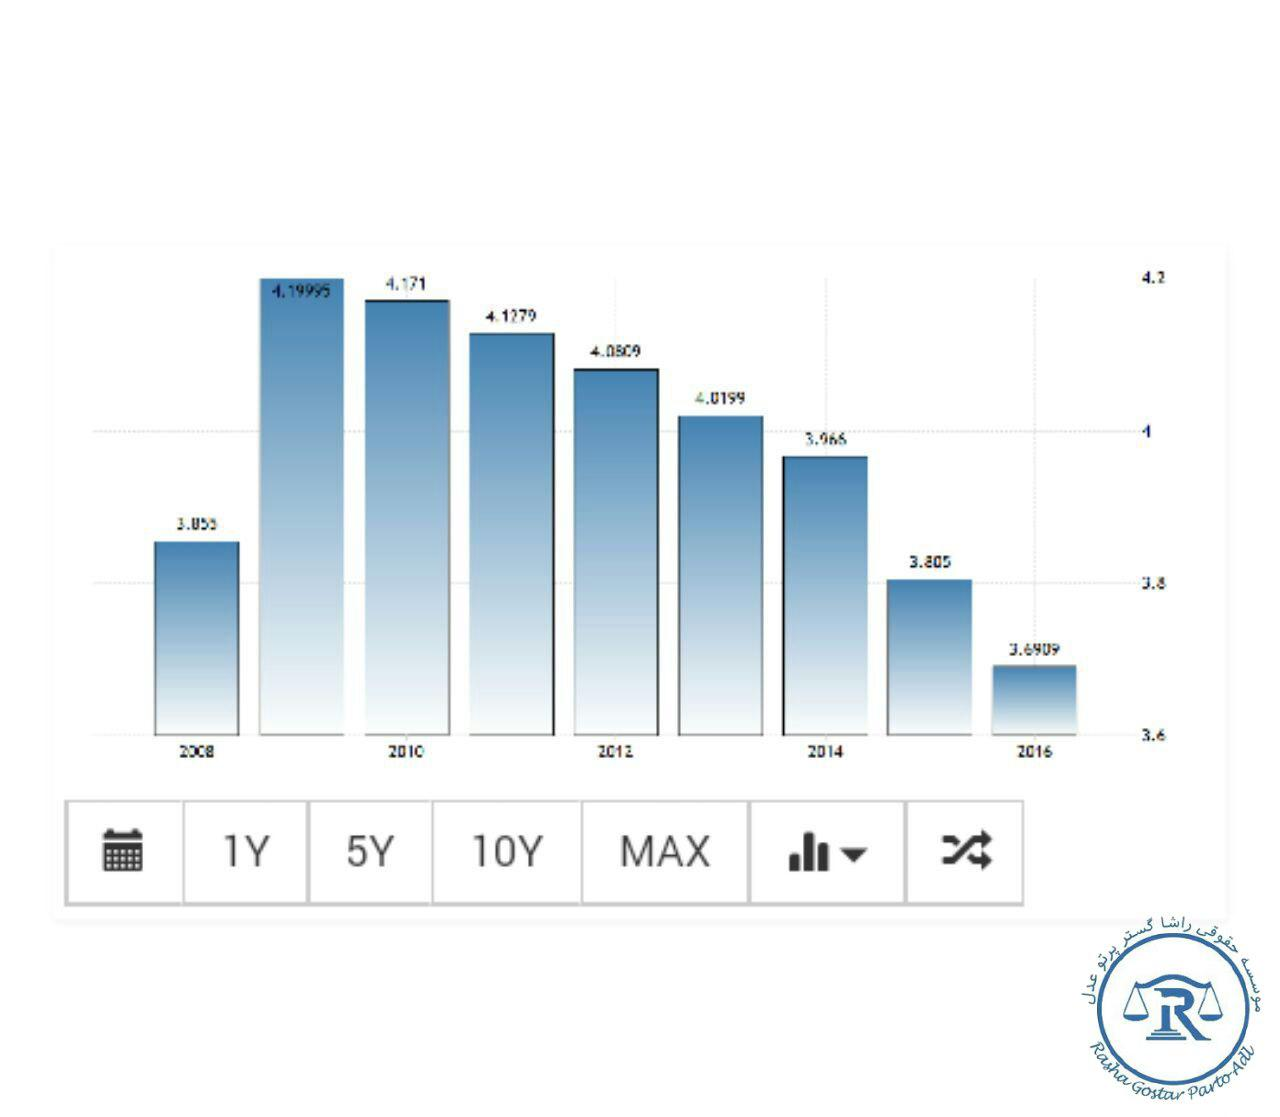 نمودار نرخ بیکاری در امارات متحده عربی